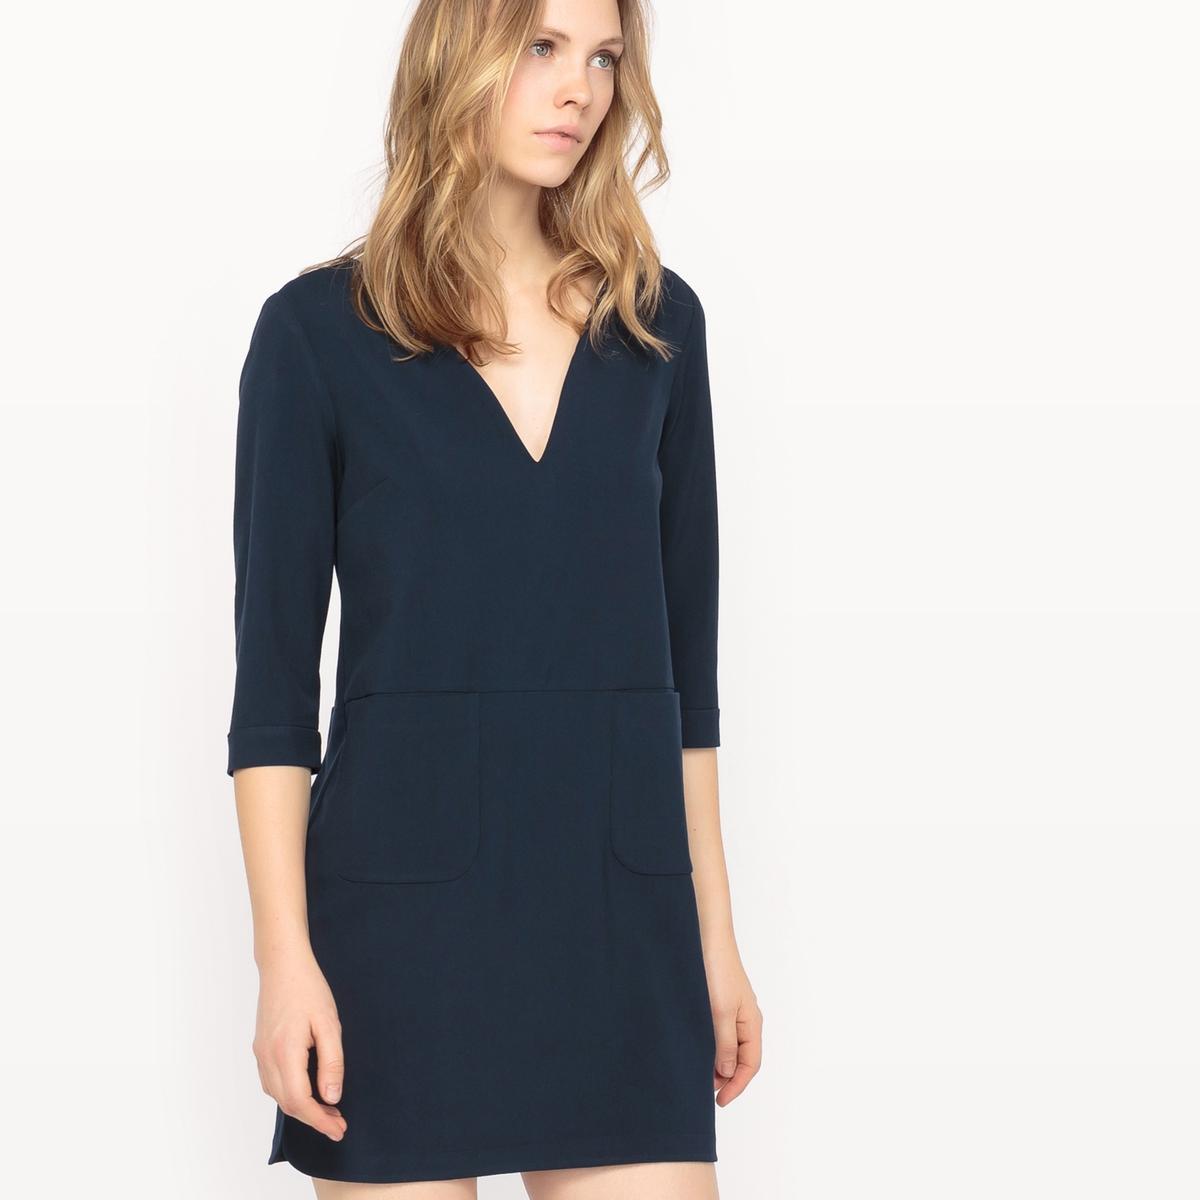 Платье с рукавами 3/4 и открытой спинкойМатериал : 25% хлопка, 3% эластана, 72% полиэстера Подкладка : 100% хлопок Длина рукава : рукава ?  Форма воротника : V-образный вырез Покрой платья : платье прямого покроя  Рисунок : однотонная модель  Особенность платья : с волокнами с металлическим блеском Длина платья : длина до колен<br><br>Цвет: темно-синий